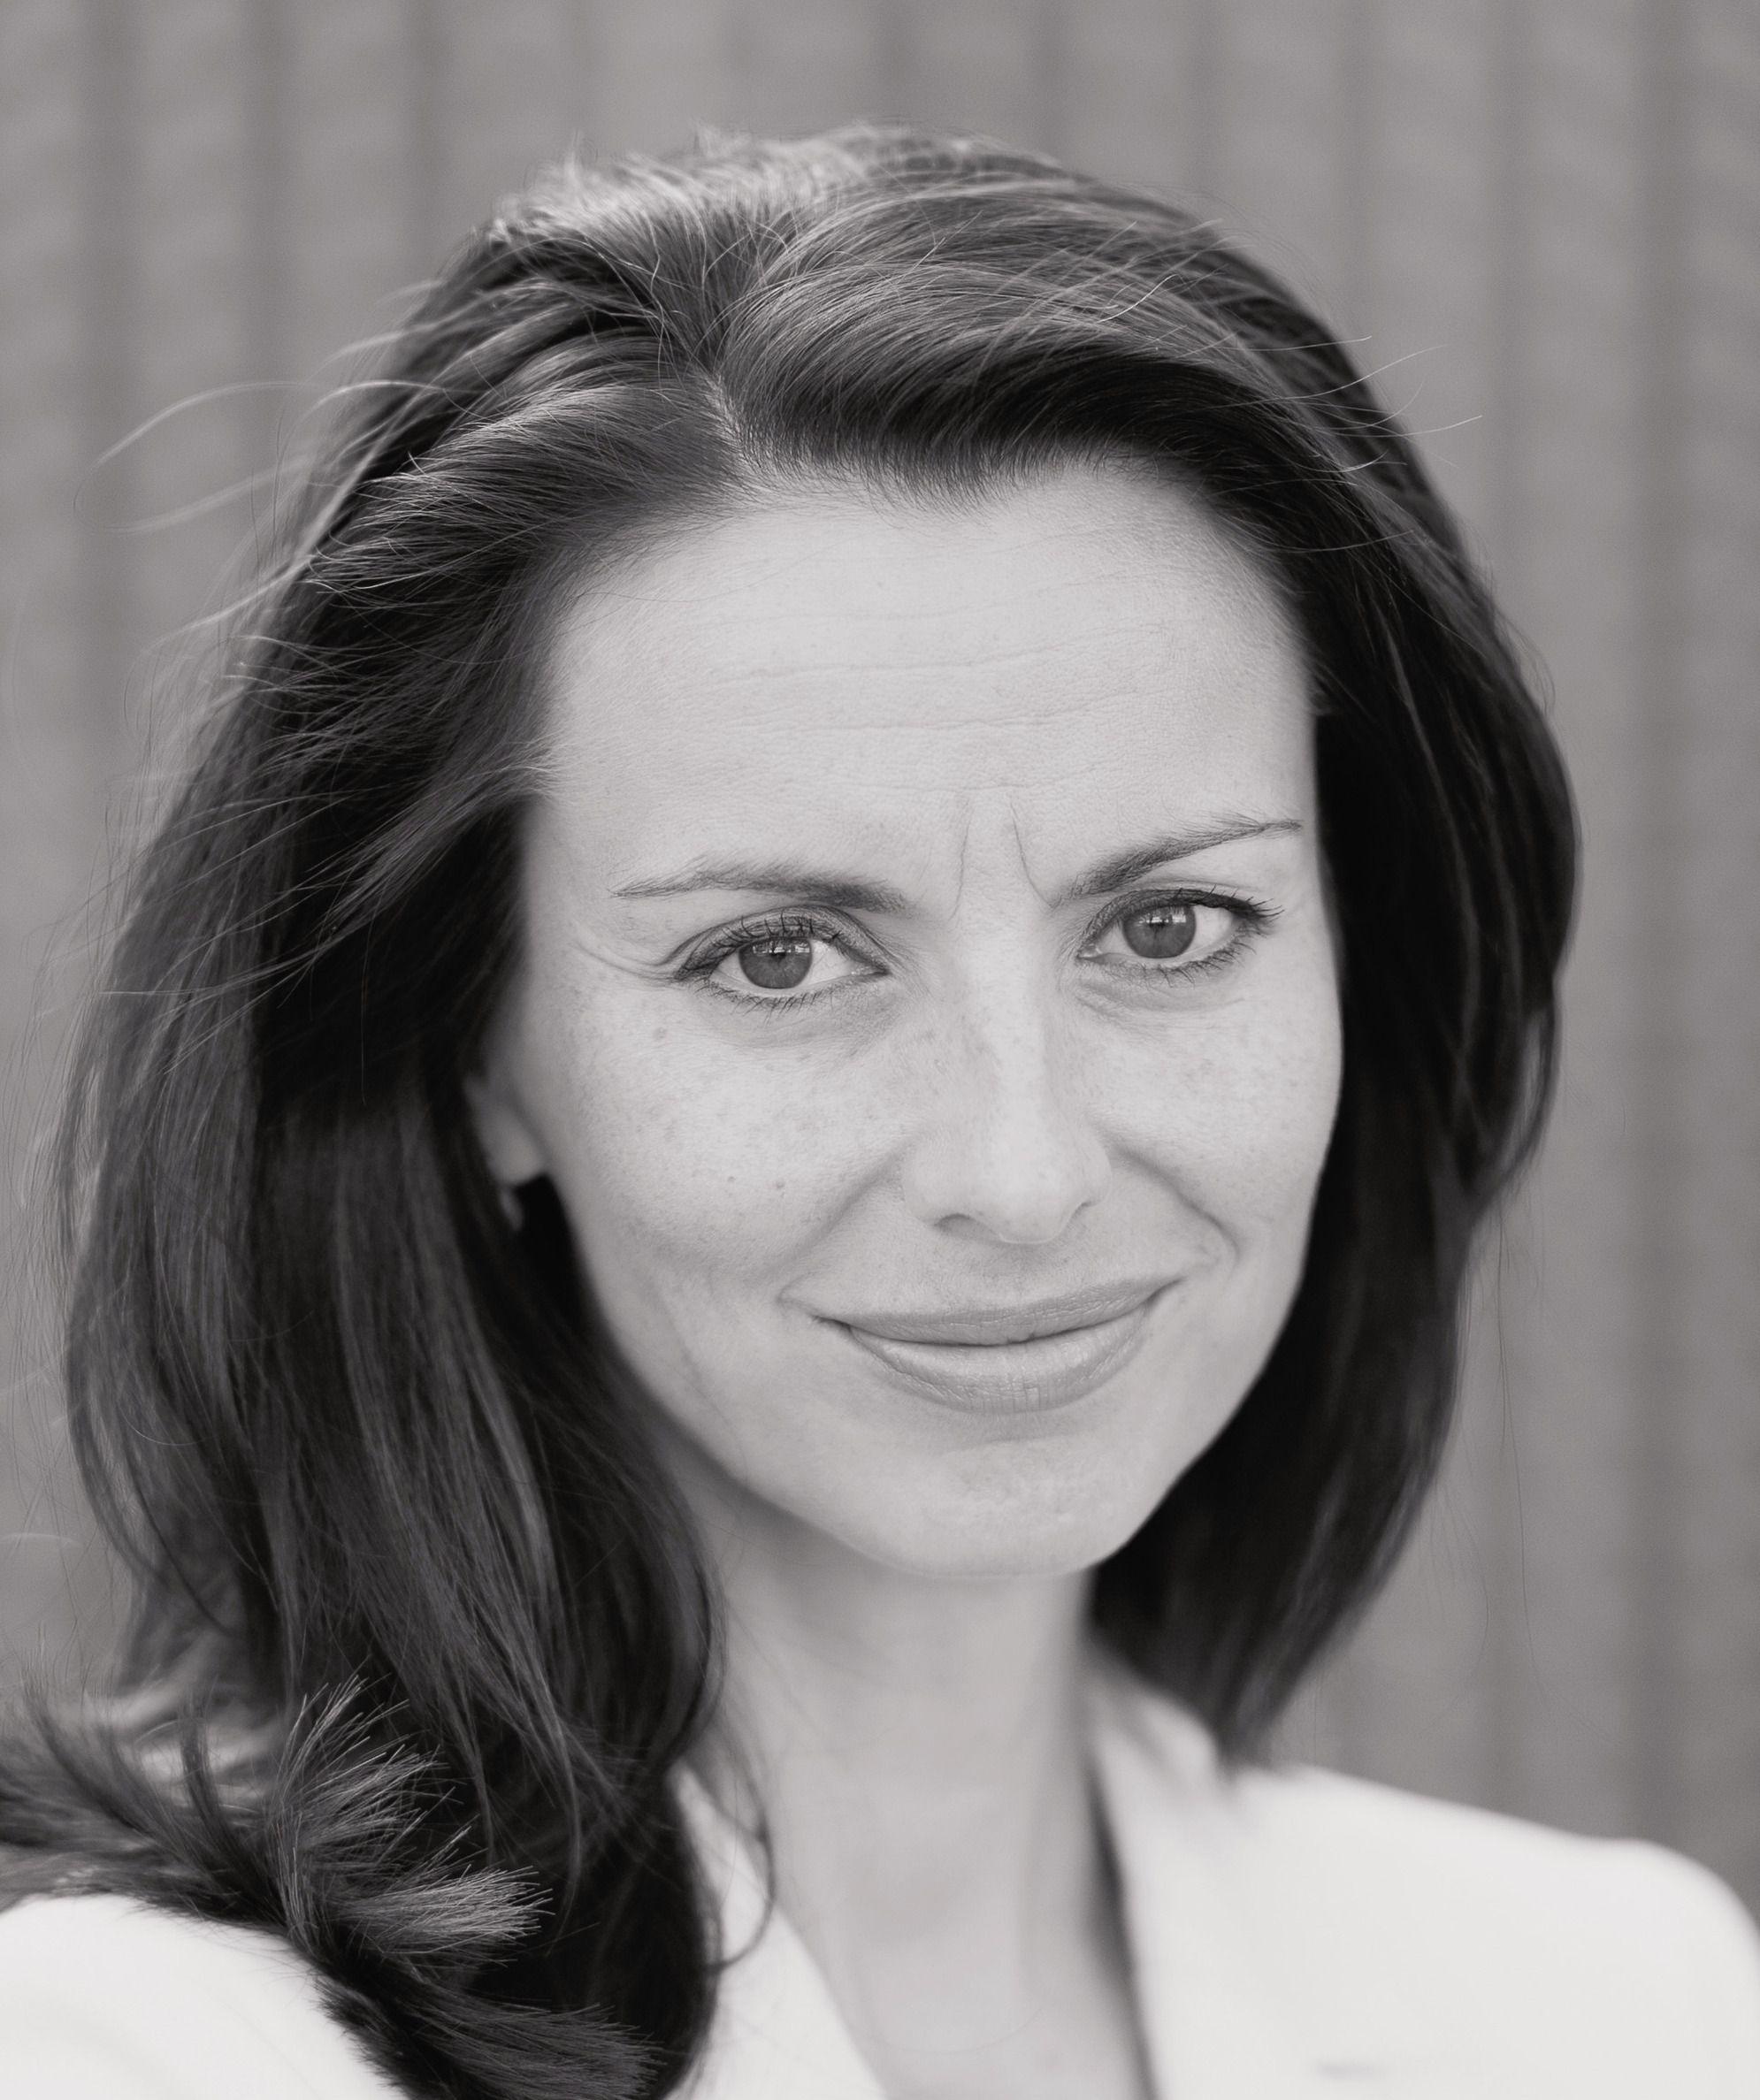 Jenni Lukander